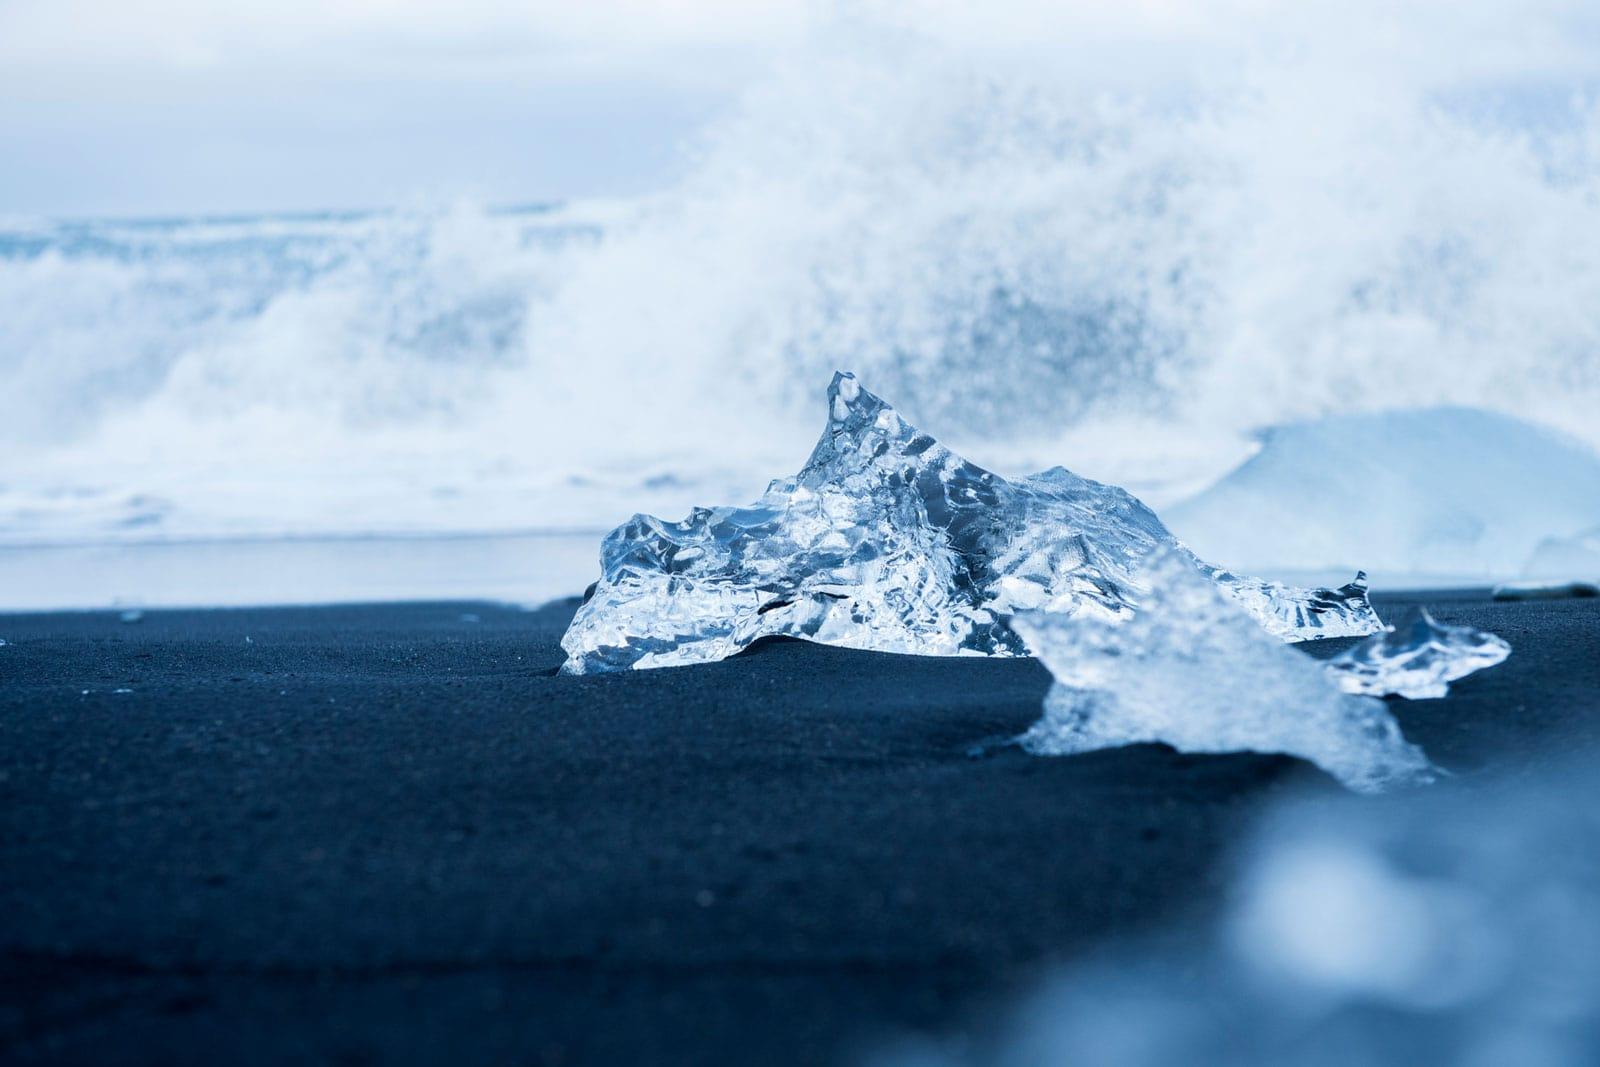 geschmolzene Eisbrocken am Meeresstrand